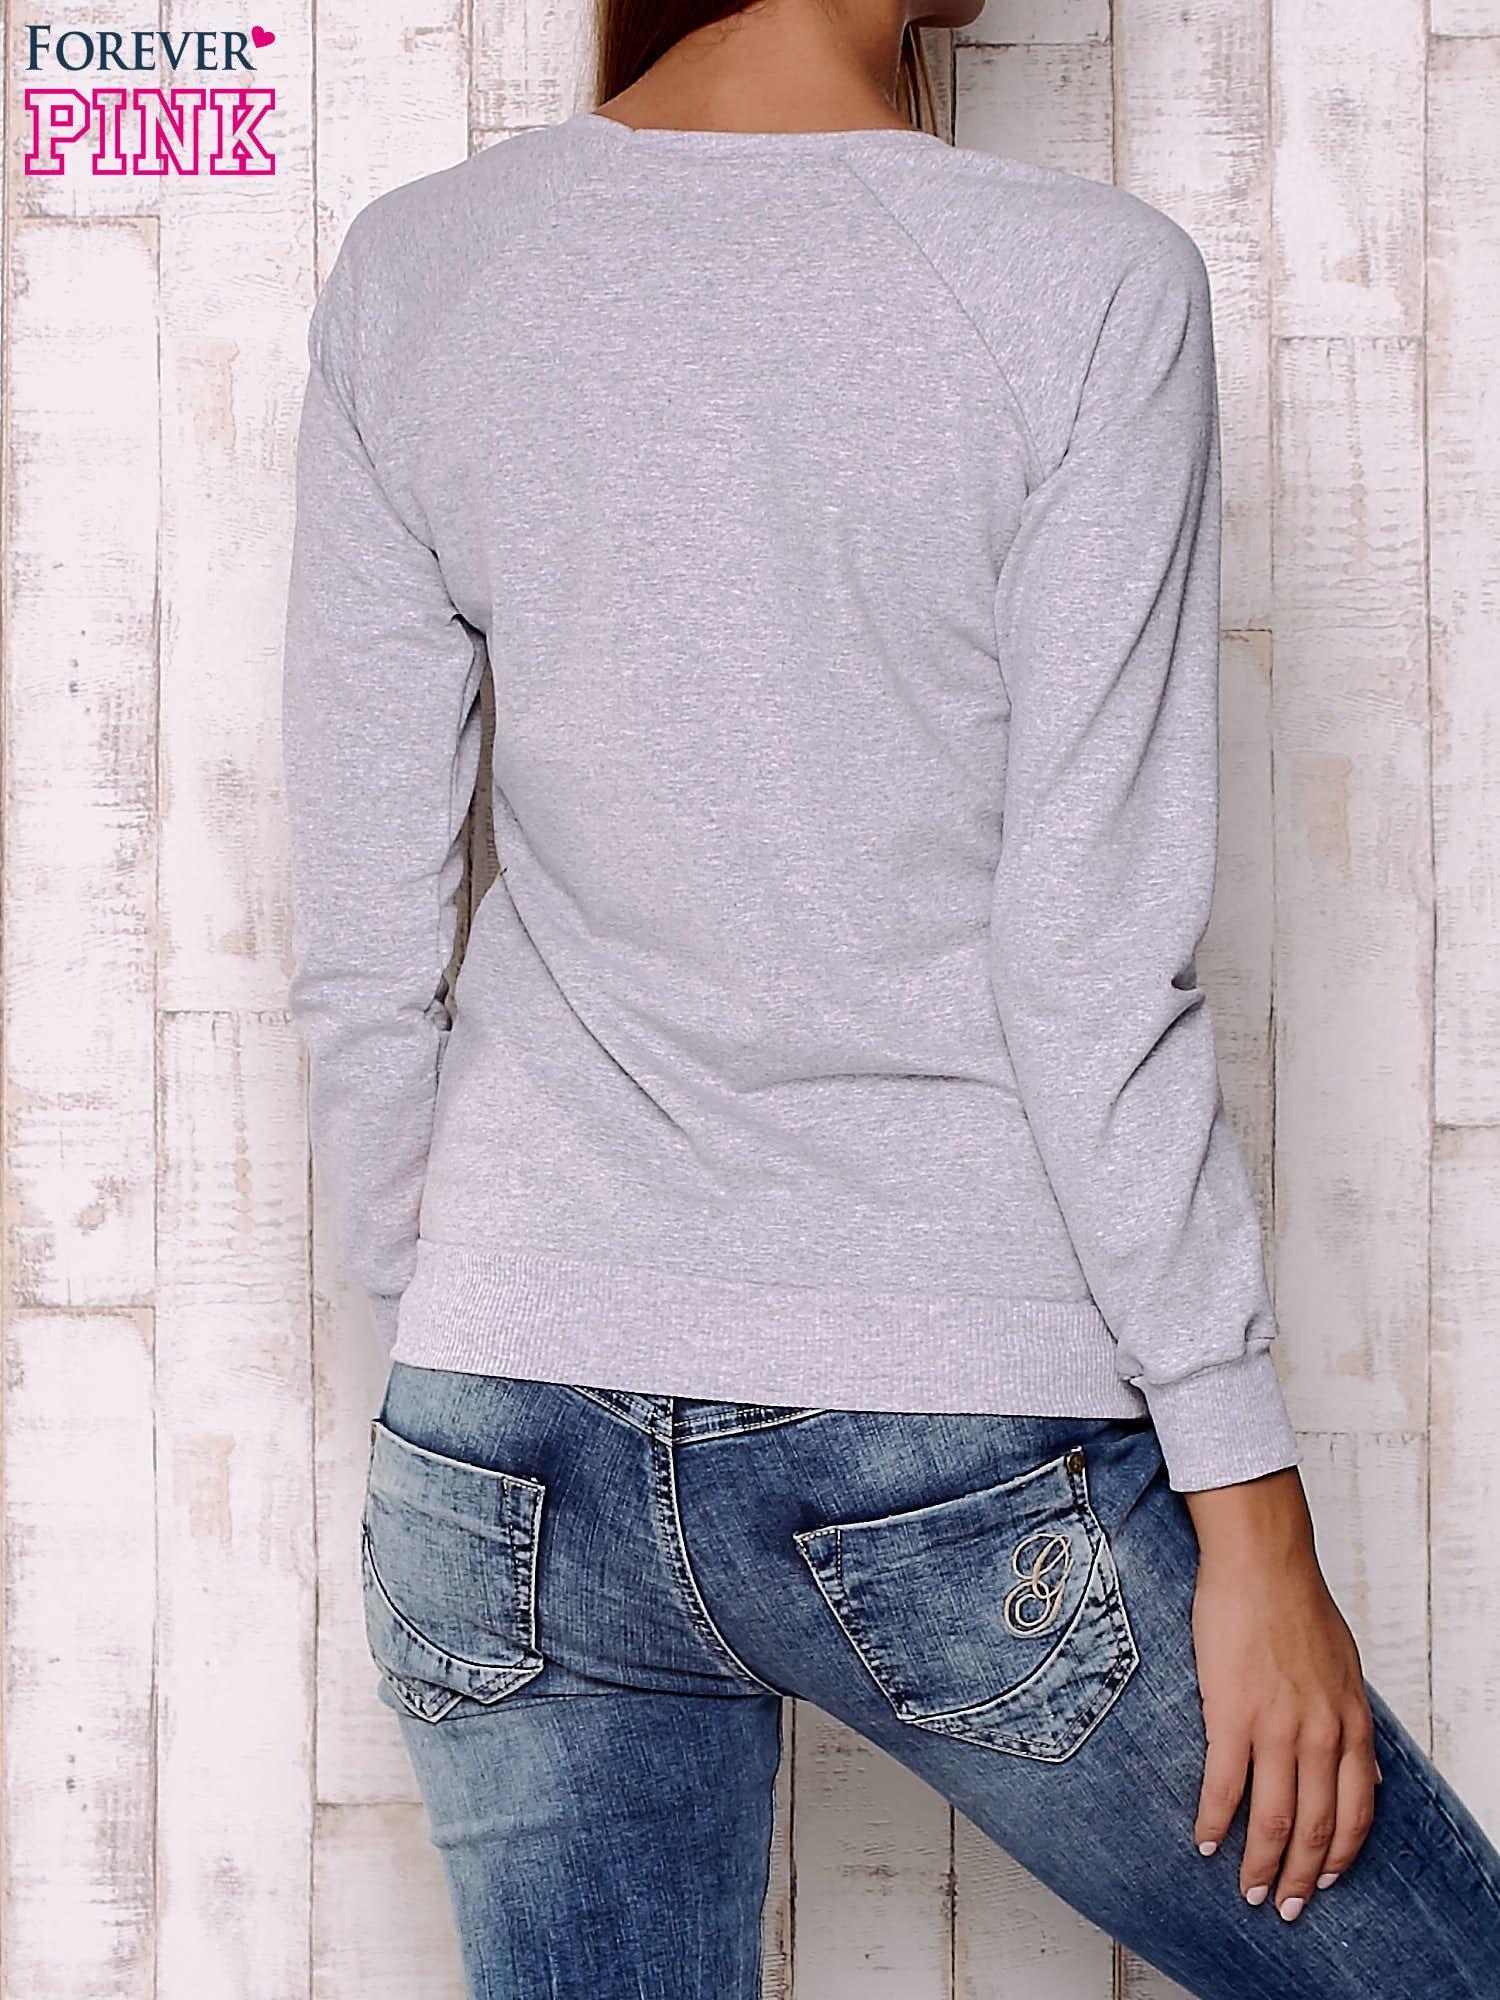 Granatowa bluza damska z nadrukiem emotikonów                                  zdj.                                  3